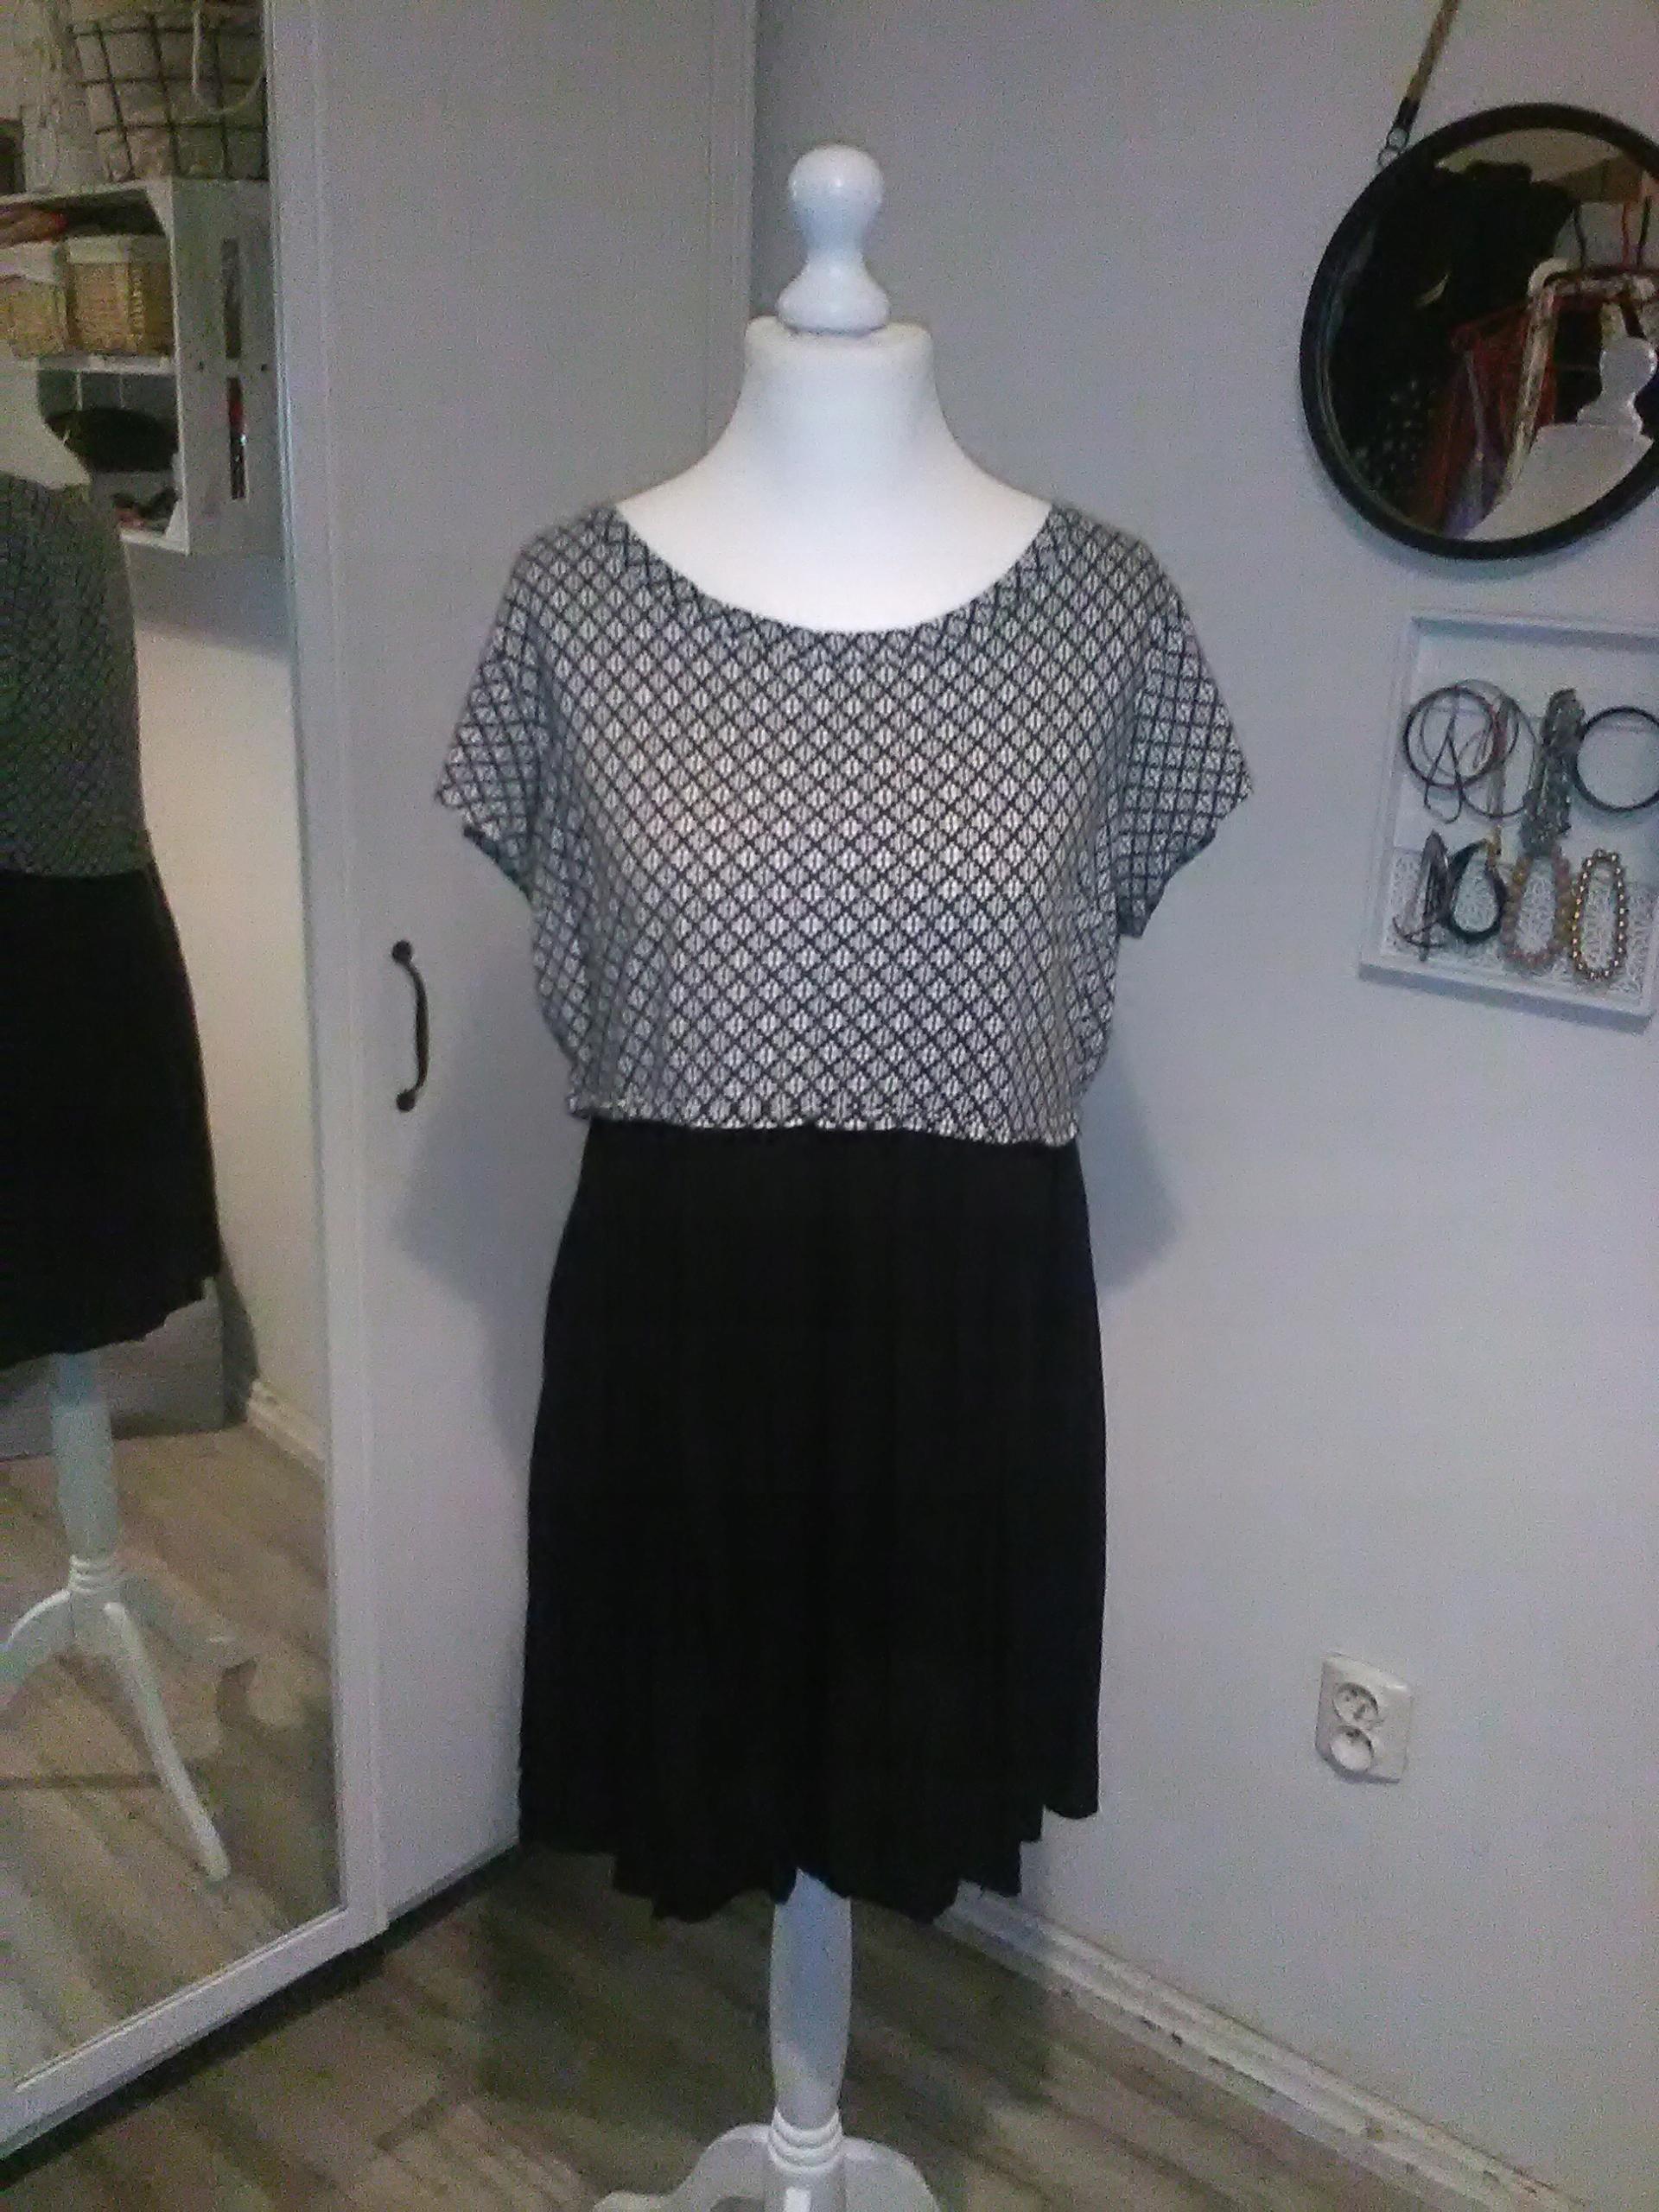 ff40426b5c rewelacyjna sukienka styl vintage New Look 44 - 7546342297 ...